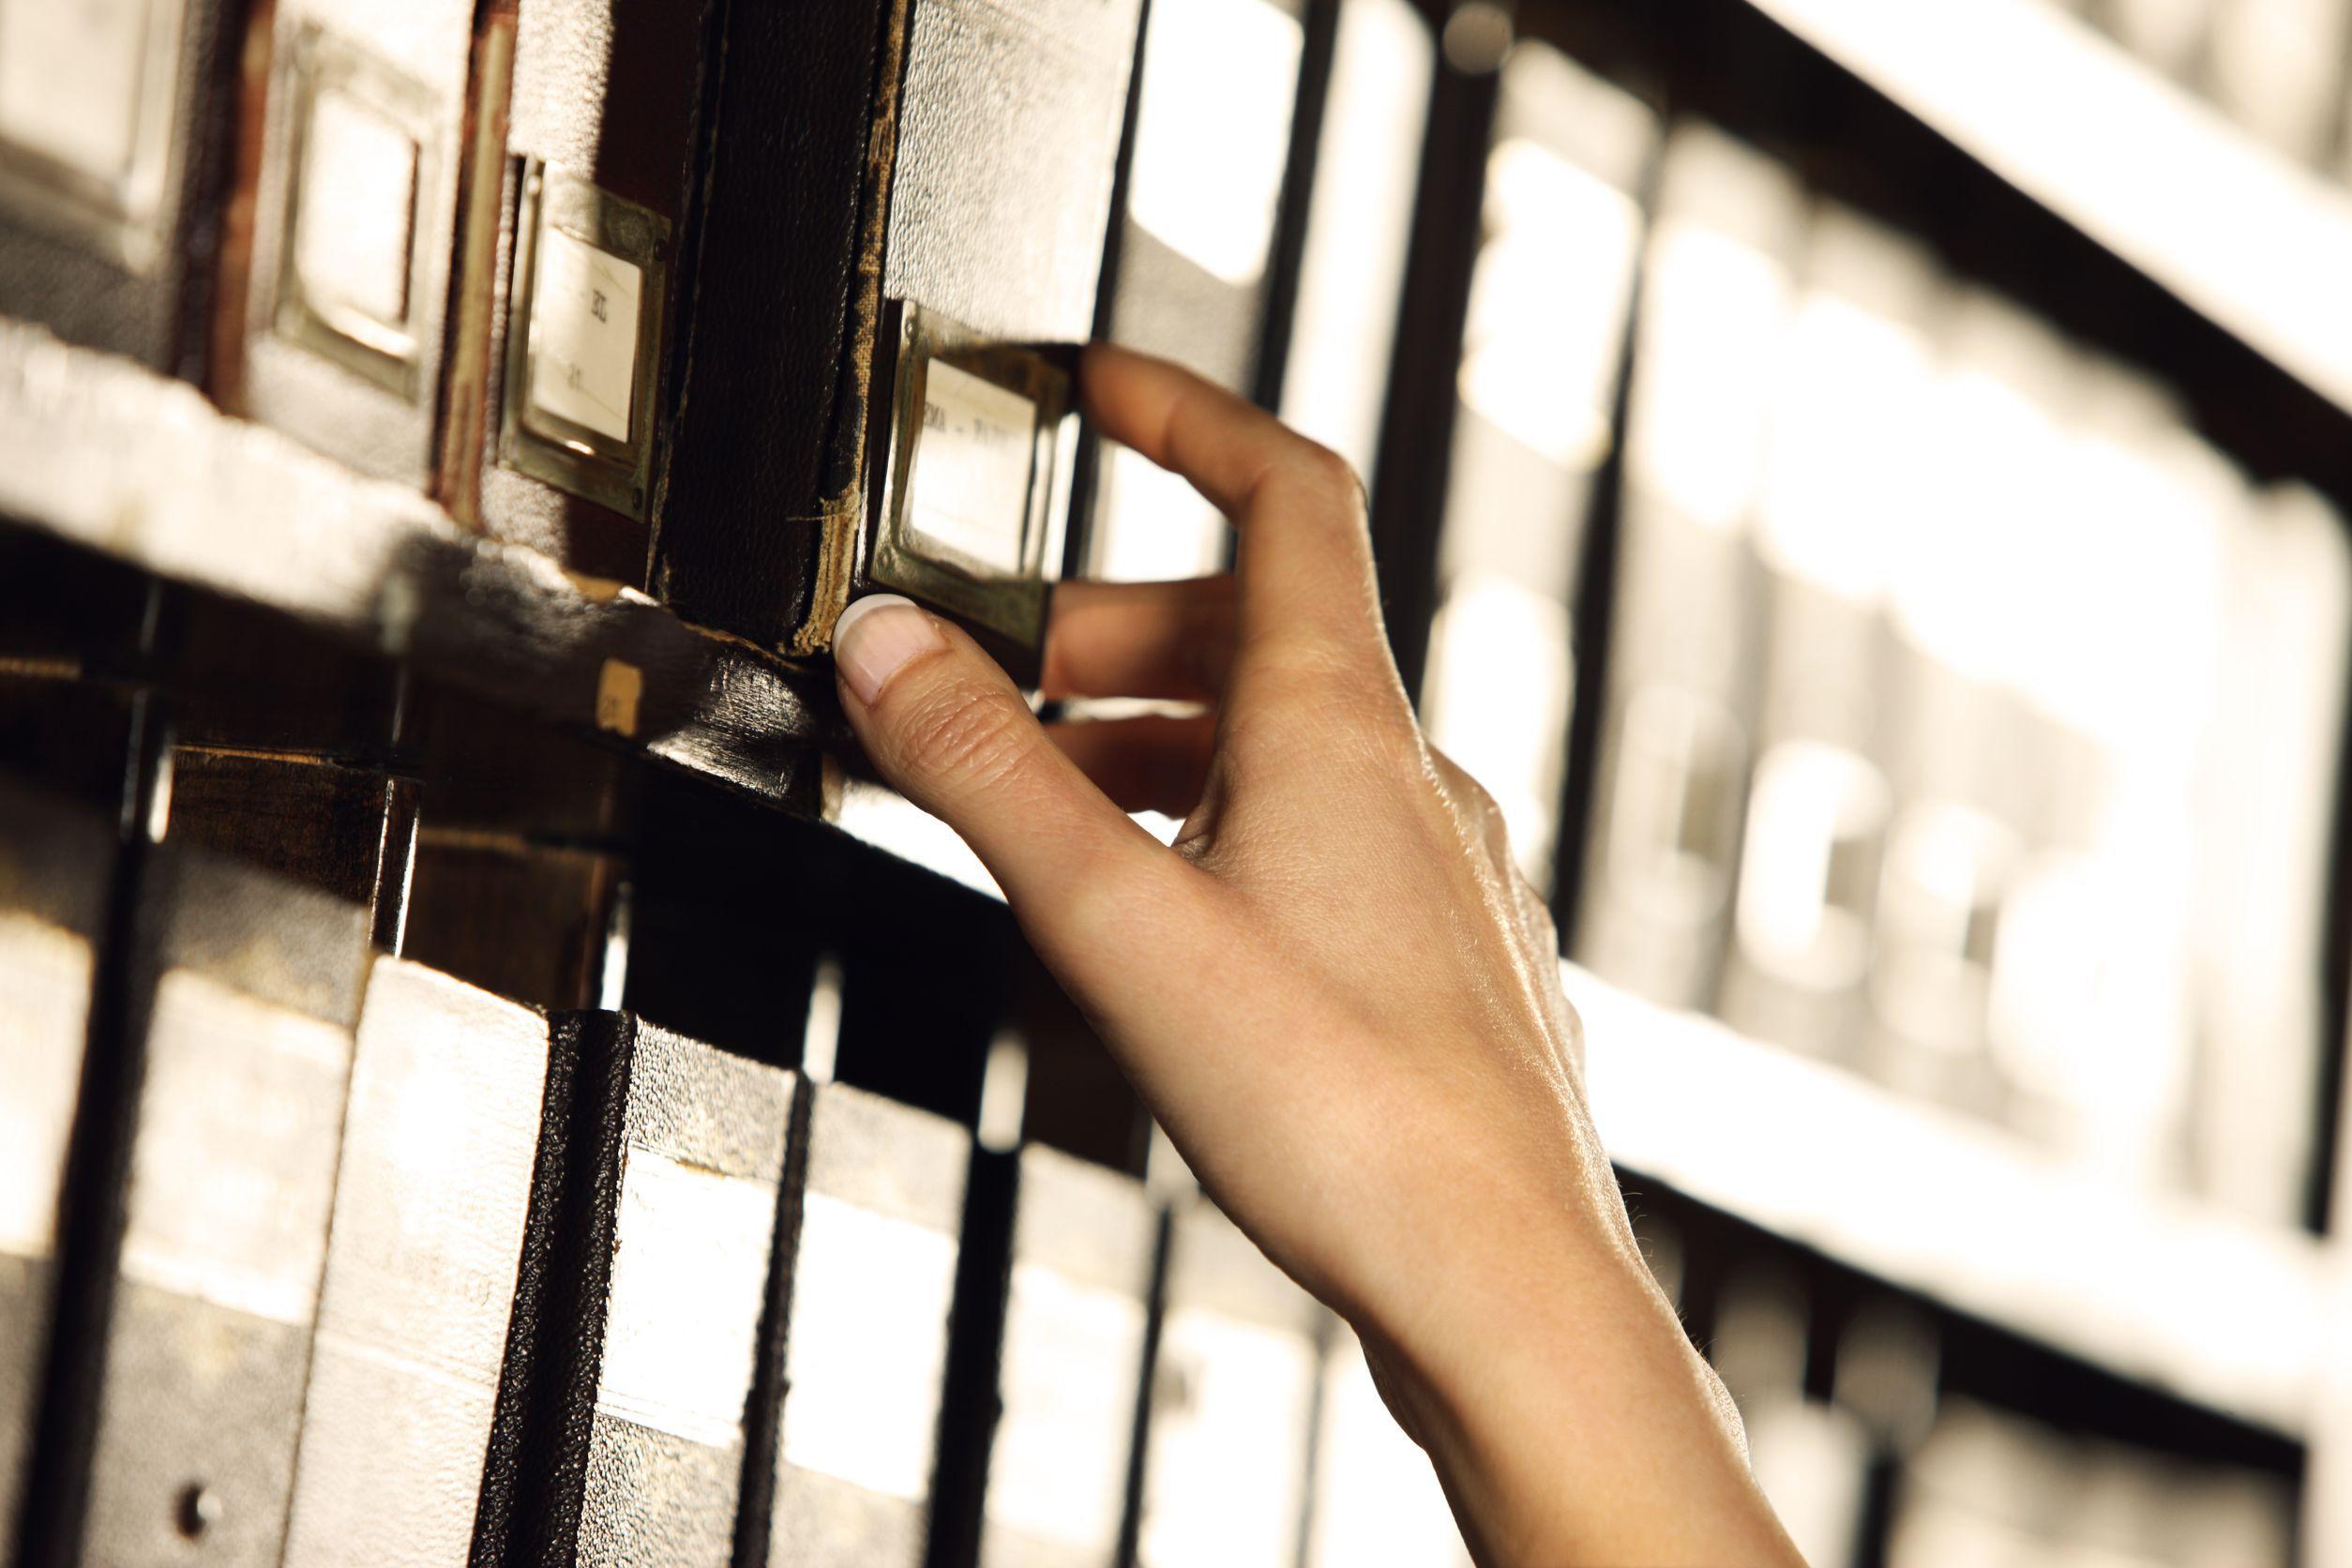 Comisia de anchetă SIPA vrea să viziteze iar sediul arhivei, cu acces la spaţiile de depozitare